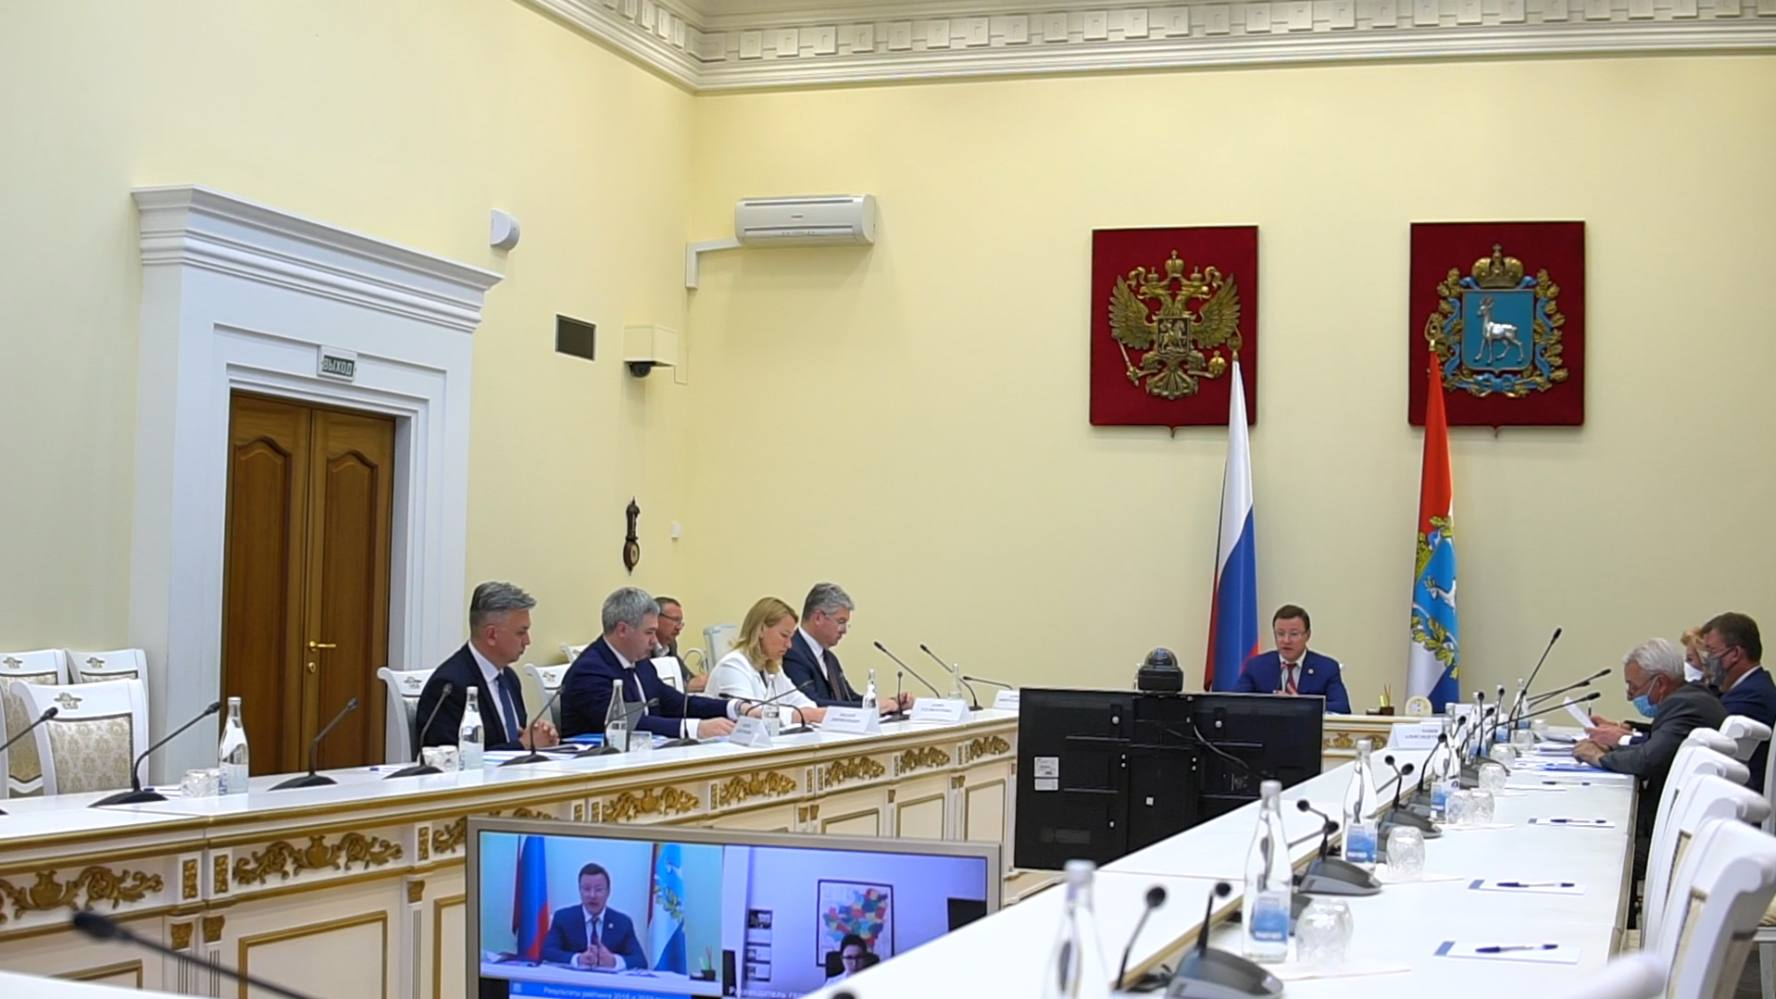 Итоги заседания инвестиционного совета Самарской области